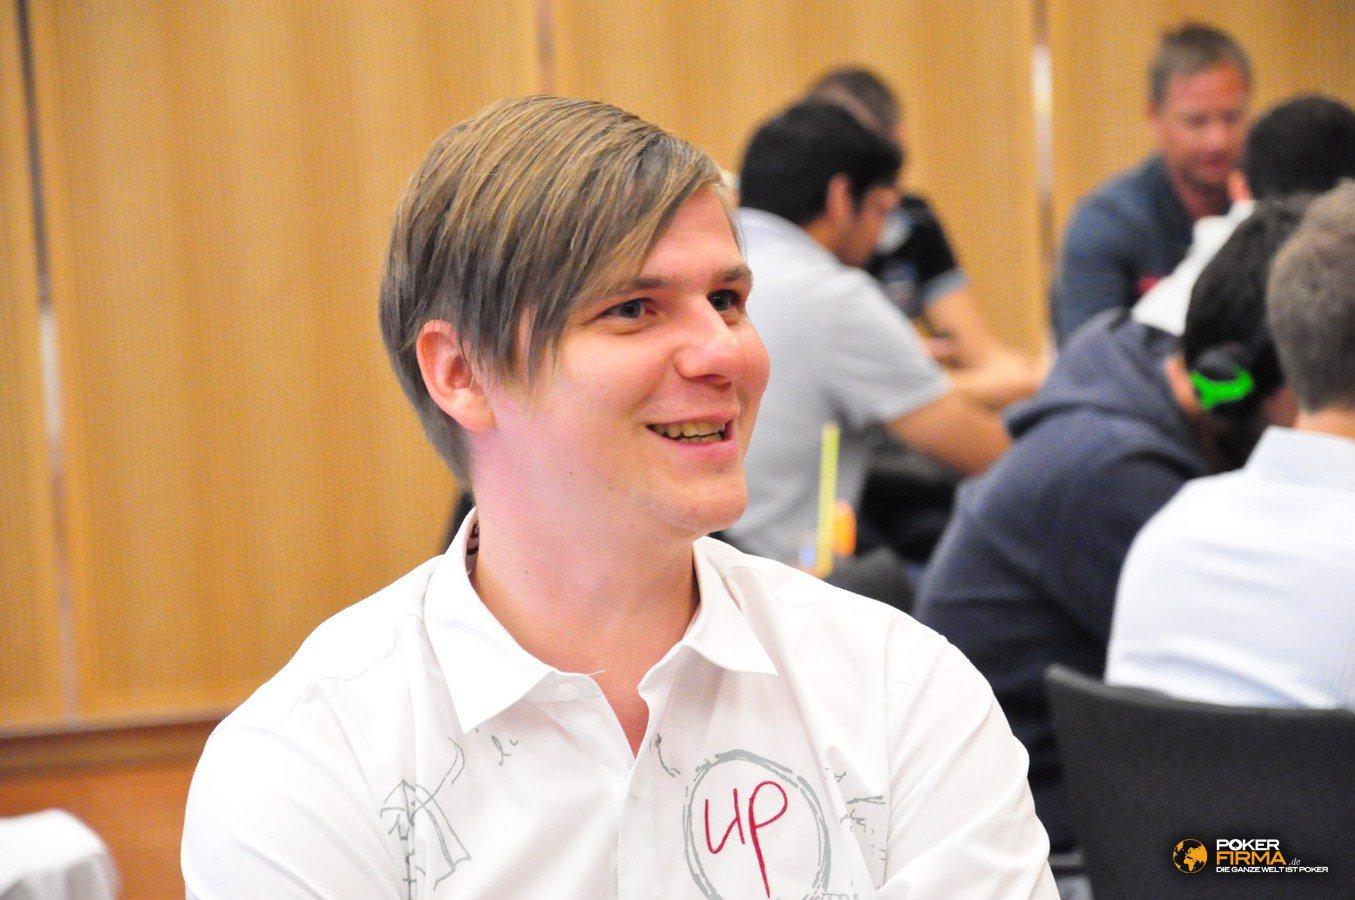 Stefan_Rapp.JPG